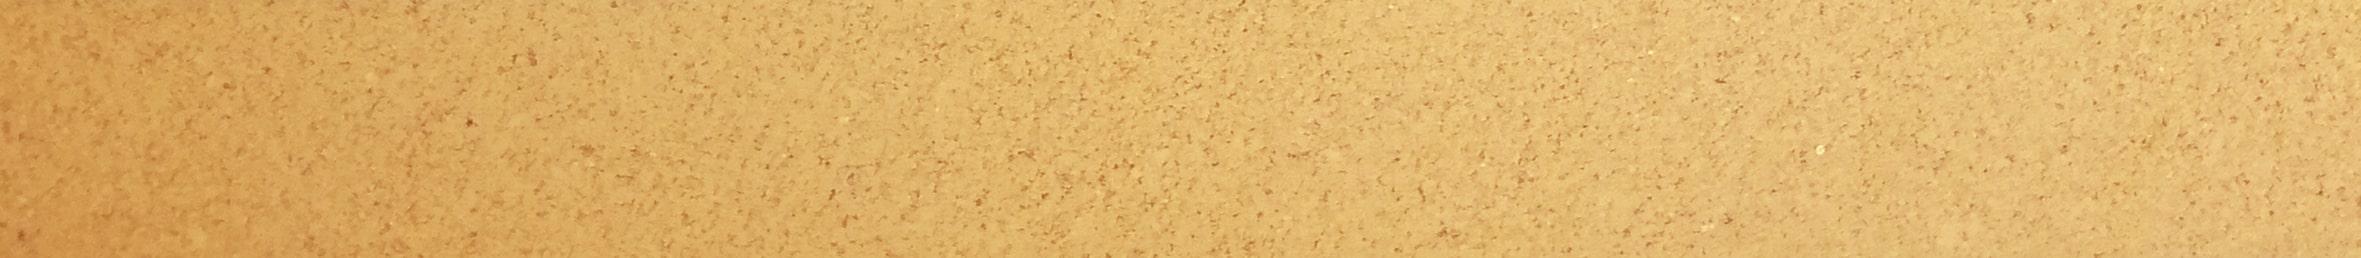 Fugenmörtel - Fugenfarbe 1031